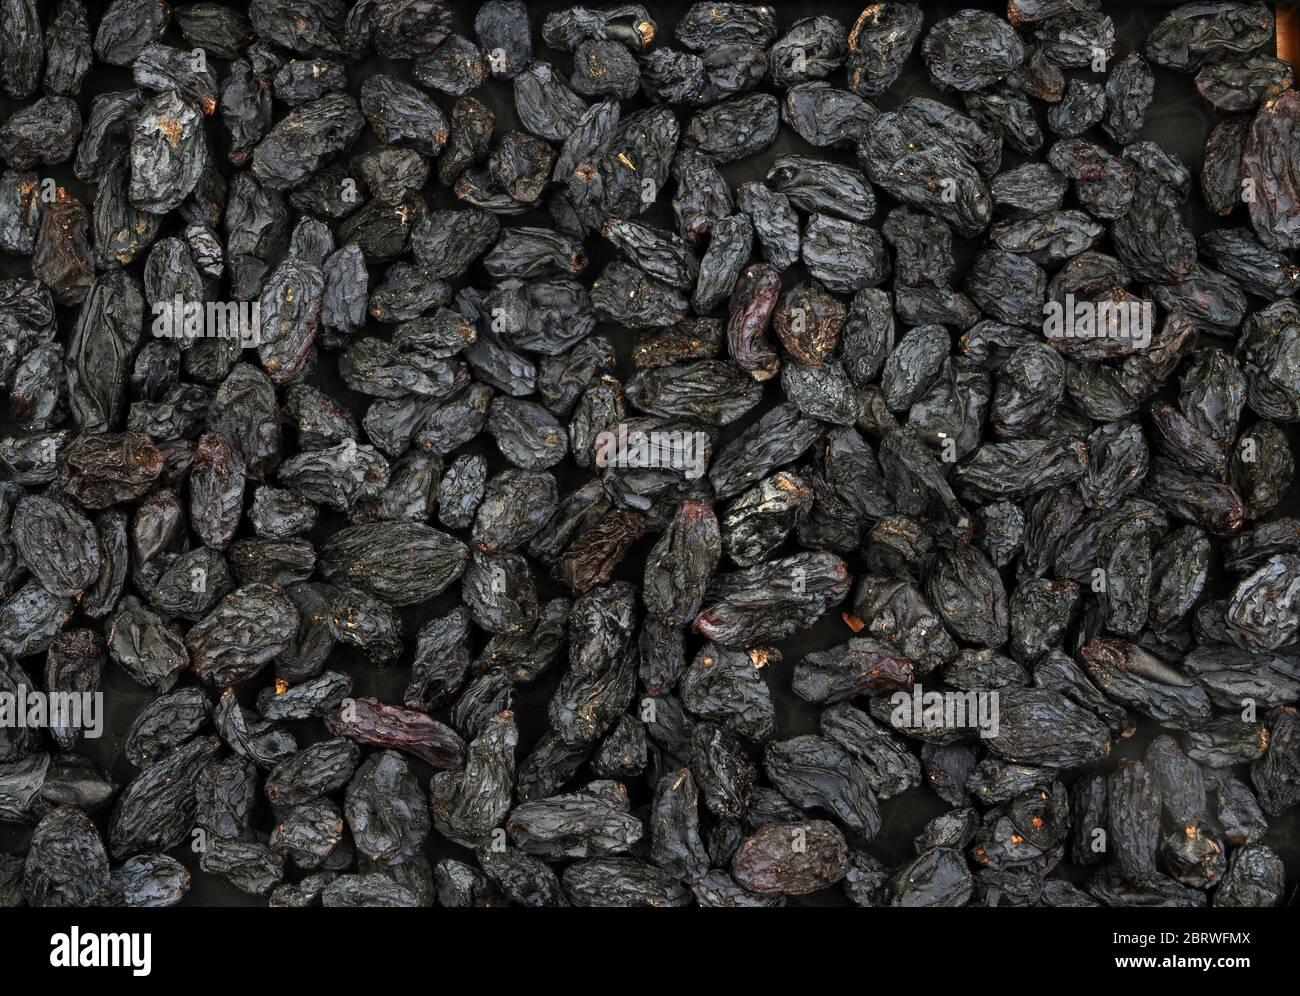 Grands raisins secs noirs bio. Pour la texture ou l'arrière-plan. Banque D'Images